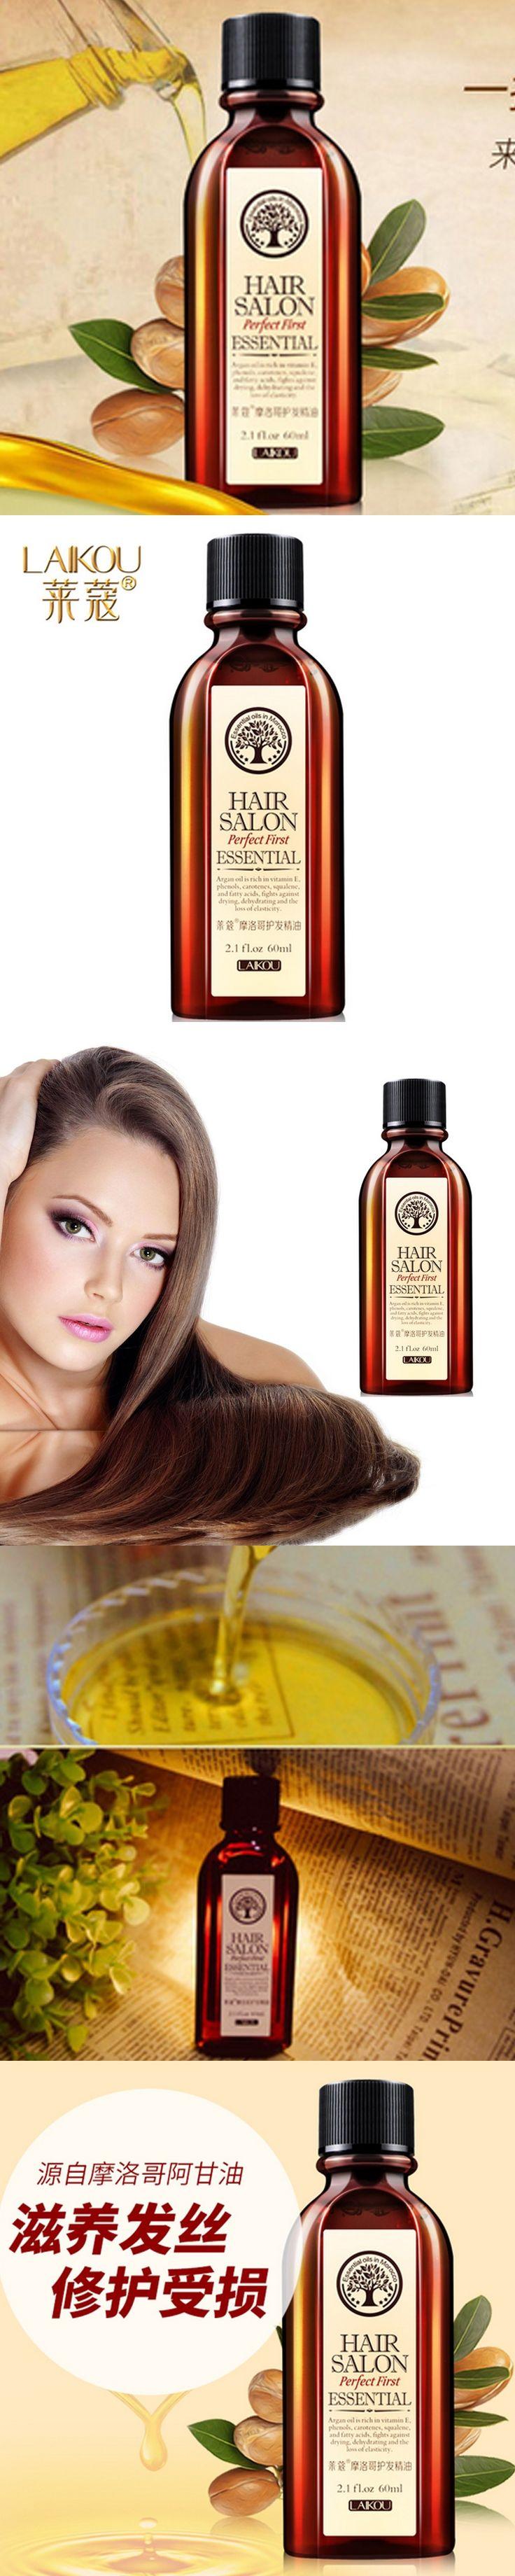 Laikou Moroccan Pure Argan Oil Hair Care Hair Essence Oil Repair Treatment for Dry Hair Types Hair and Scalp Treatment 60ml